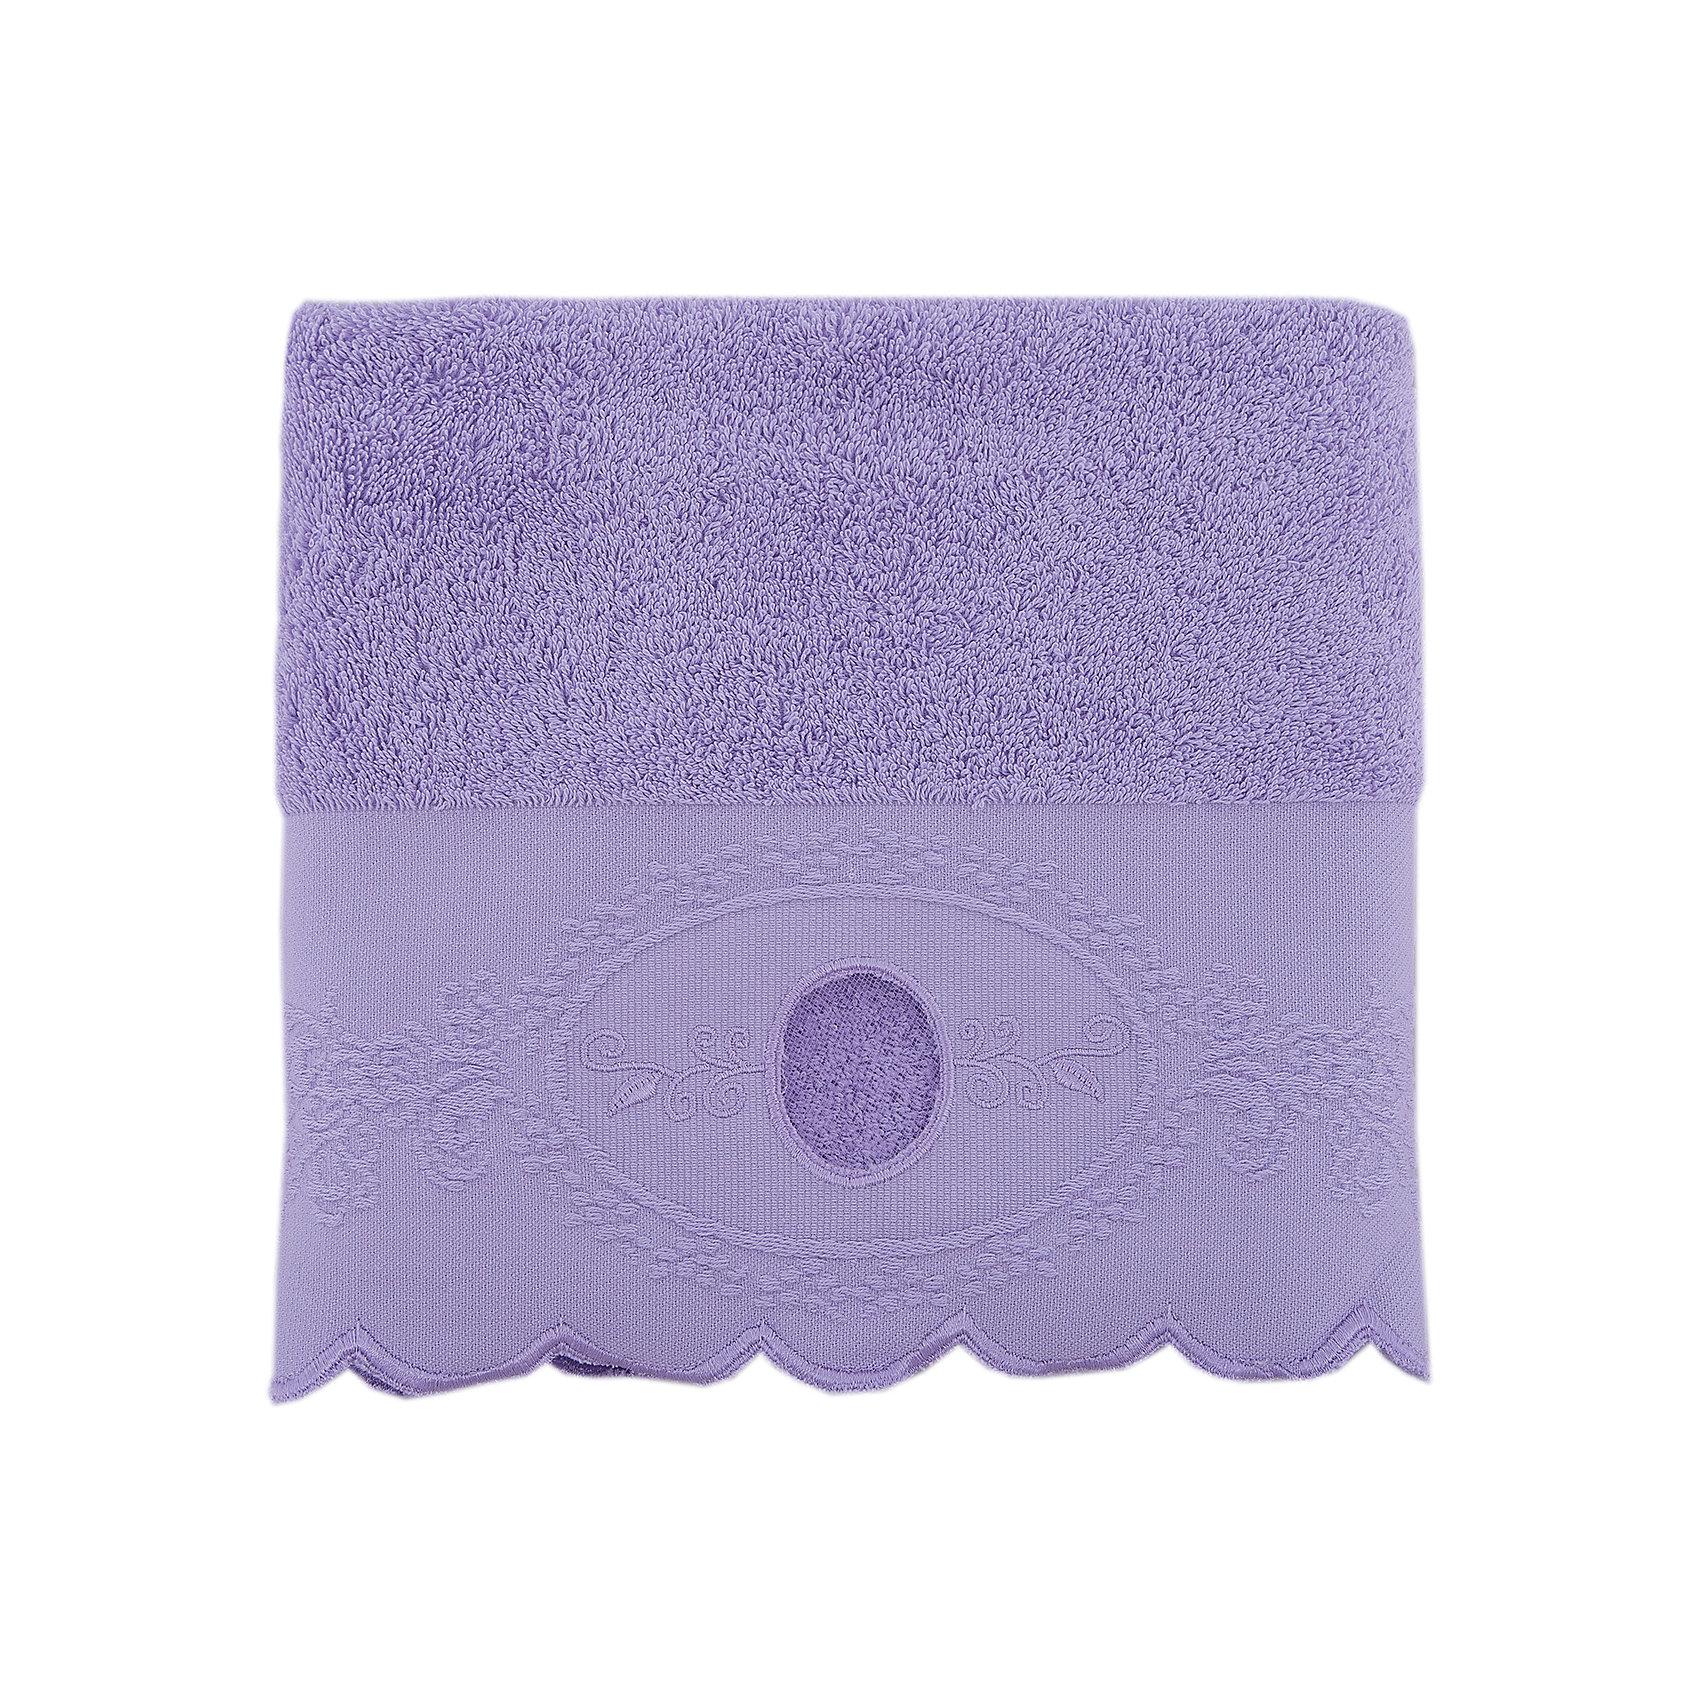 Полотенце махровое 50*90 Жаклин, Cozy Home, лиловыйПолотенце махровое 50*90 Жаклин, Cozy Home (Кози Хоум), лиловый<br><br>Характеристики:<br><br>• хорошо впитывает влагу<br>• изысканный дизайн<br>• материал: хлопок<br>• размер: 50х90 см<br>• цвет: лиловый<br><br>Махровое полотенце от Cozy Home порадует вас своей мягкостью и прочностью. Оно изготовлено из качественного хлопка. Как известно, хлопок - гипоаллергенный материал, приятный телу. Он не теряет свою форму, практически не мнется и даже обладает антибактериальными свойствами. Полотенца из хлопка хорошо впитывают влагу, обладая высокой гигроскопичностью. Полотенце дополнено волнистым узором, вышивкой по краю и отлично подойдет к любому интерьеру ванной комнаты.<br><br>Полотенце махровое 50*90 Жаклин, Cozy Home (Кози Хоум), лиловый вы можете купить в нашем интернет-магазине.<br><br>Ширина мм: 150<br>Глубина мм: 250<br>Высота мм: 150<br>Вес г: 250<br>Возраст от месяцев: 0<br>Возраст до месяцев: 216<br>Пол: Женский<br>Возраст: Детский<br>SKU: 5355284